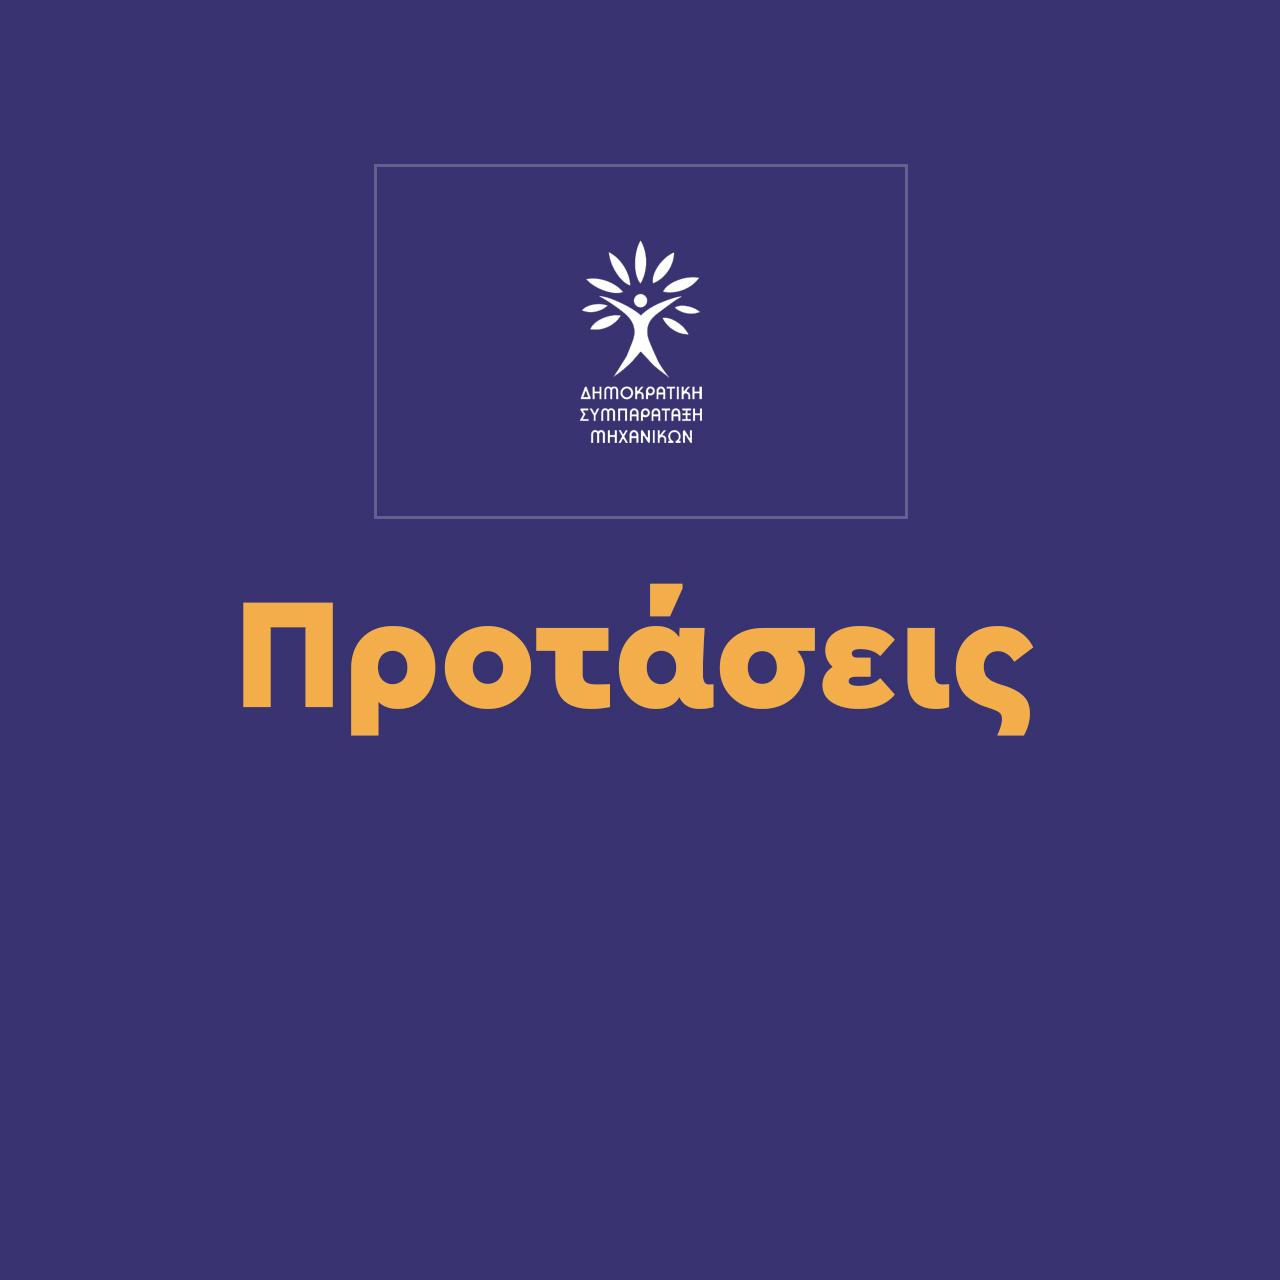 Προτάσεις ΔΗΣΥΜ, σχετικά με την άρση του αδιεξόδου στο Νέο Εξοικονομώ